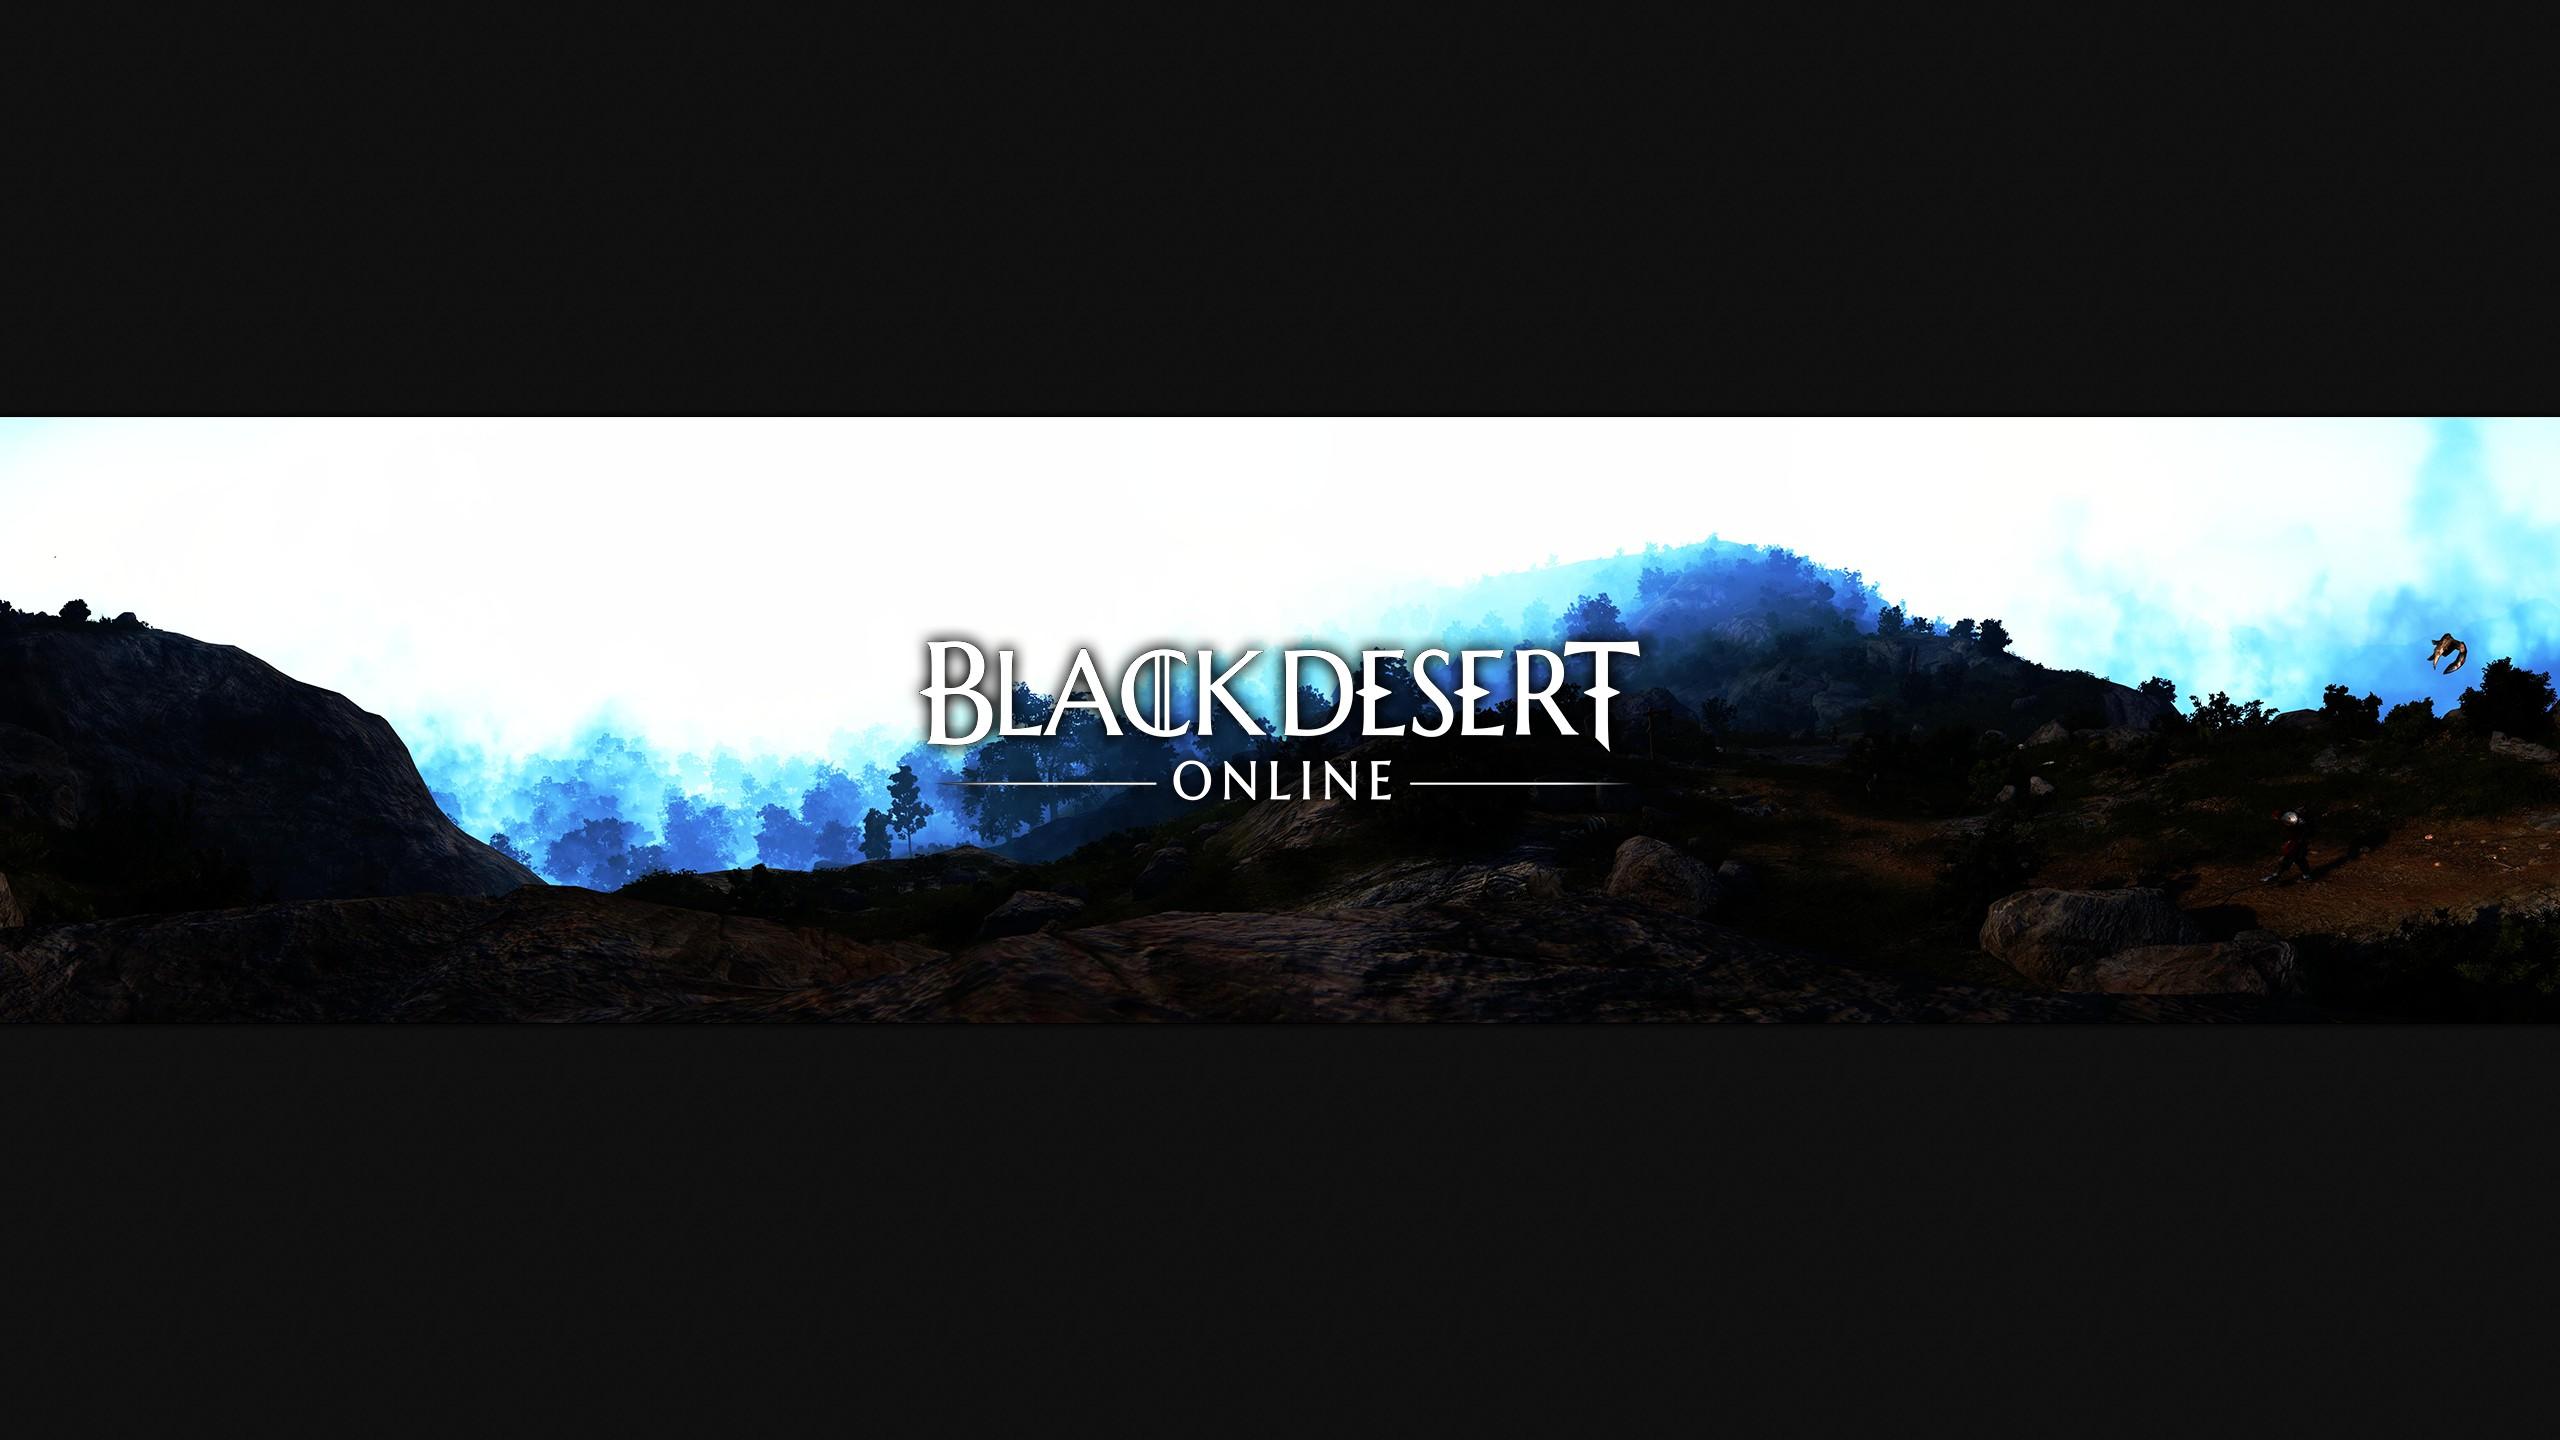 Black Desert Wallpaper 1920x1080